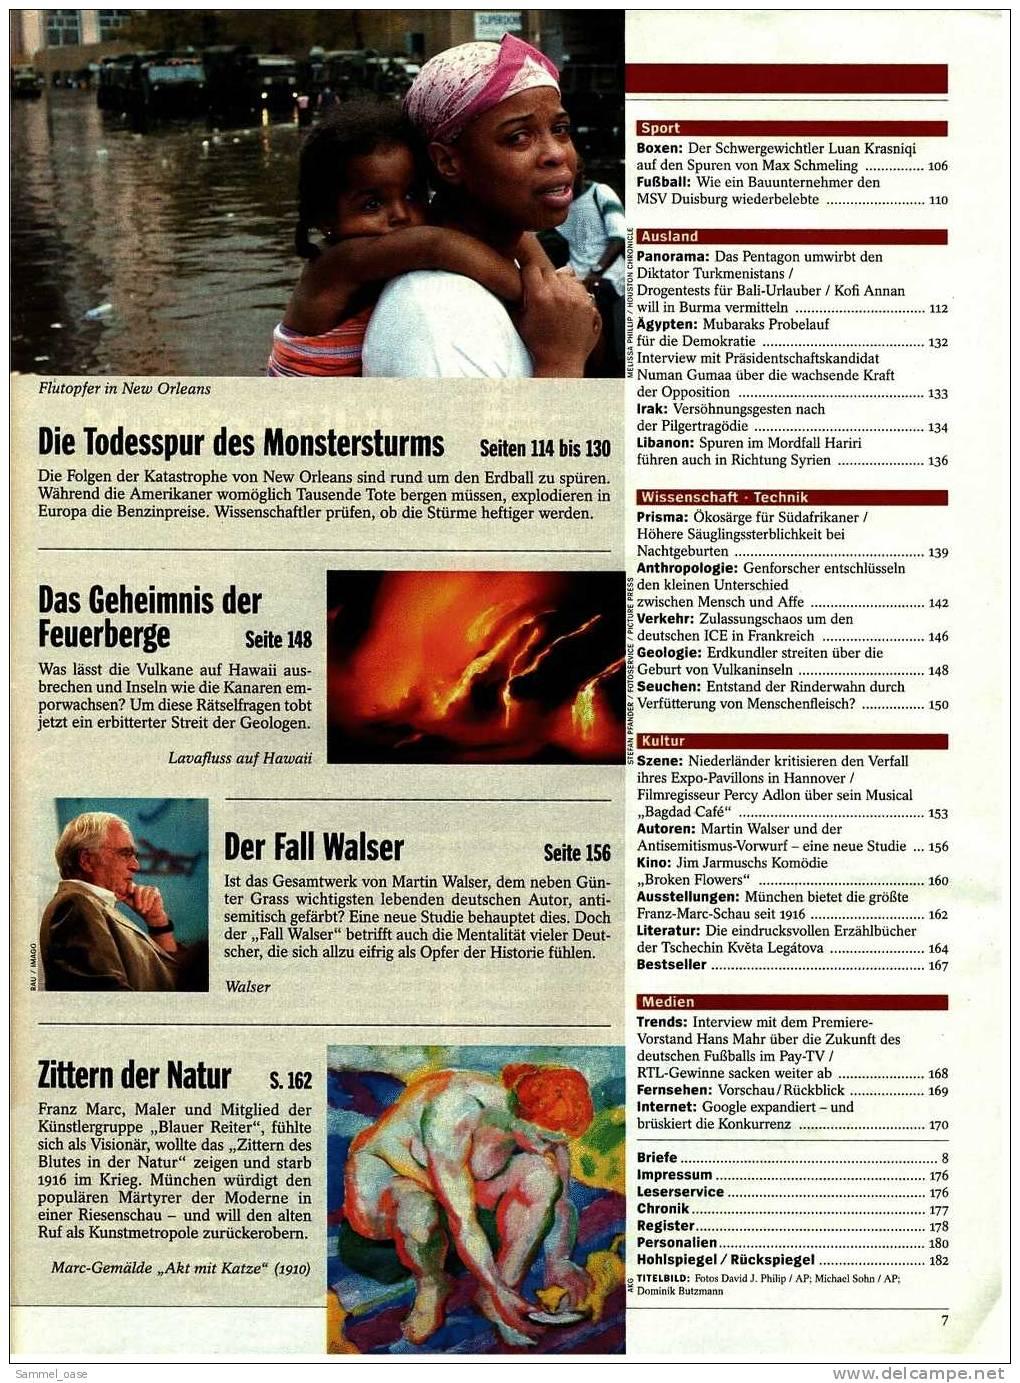 Der Spiegel  Nr. 36 / 2005  -  Der Untergang Von New Orleans  -  Duell Um Die Zukunft : Er Oder Sie - Ohne Zuordnung